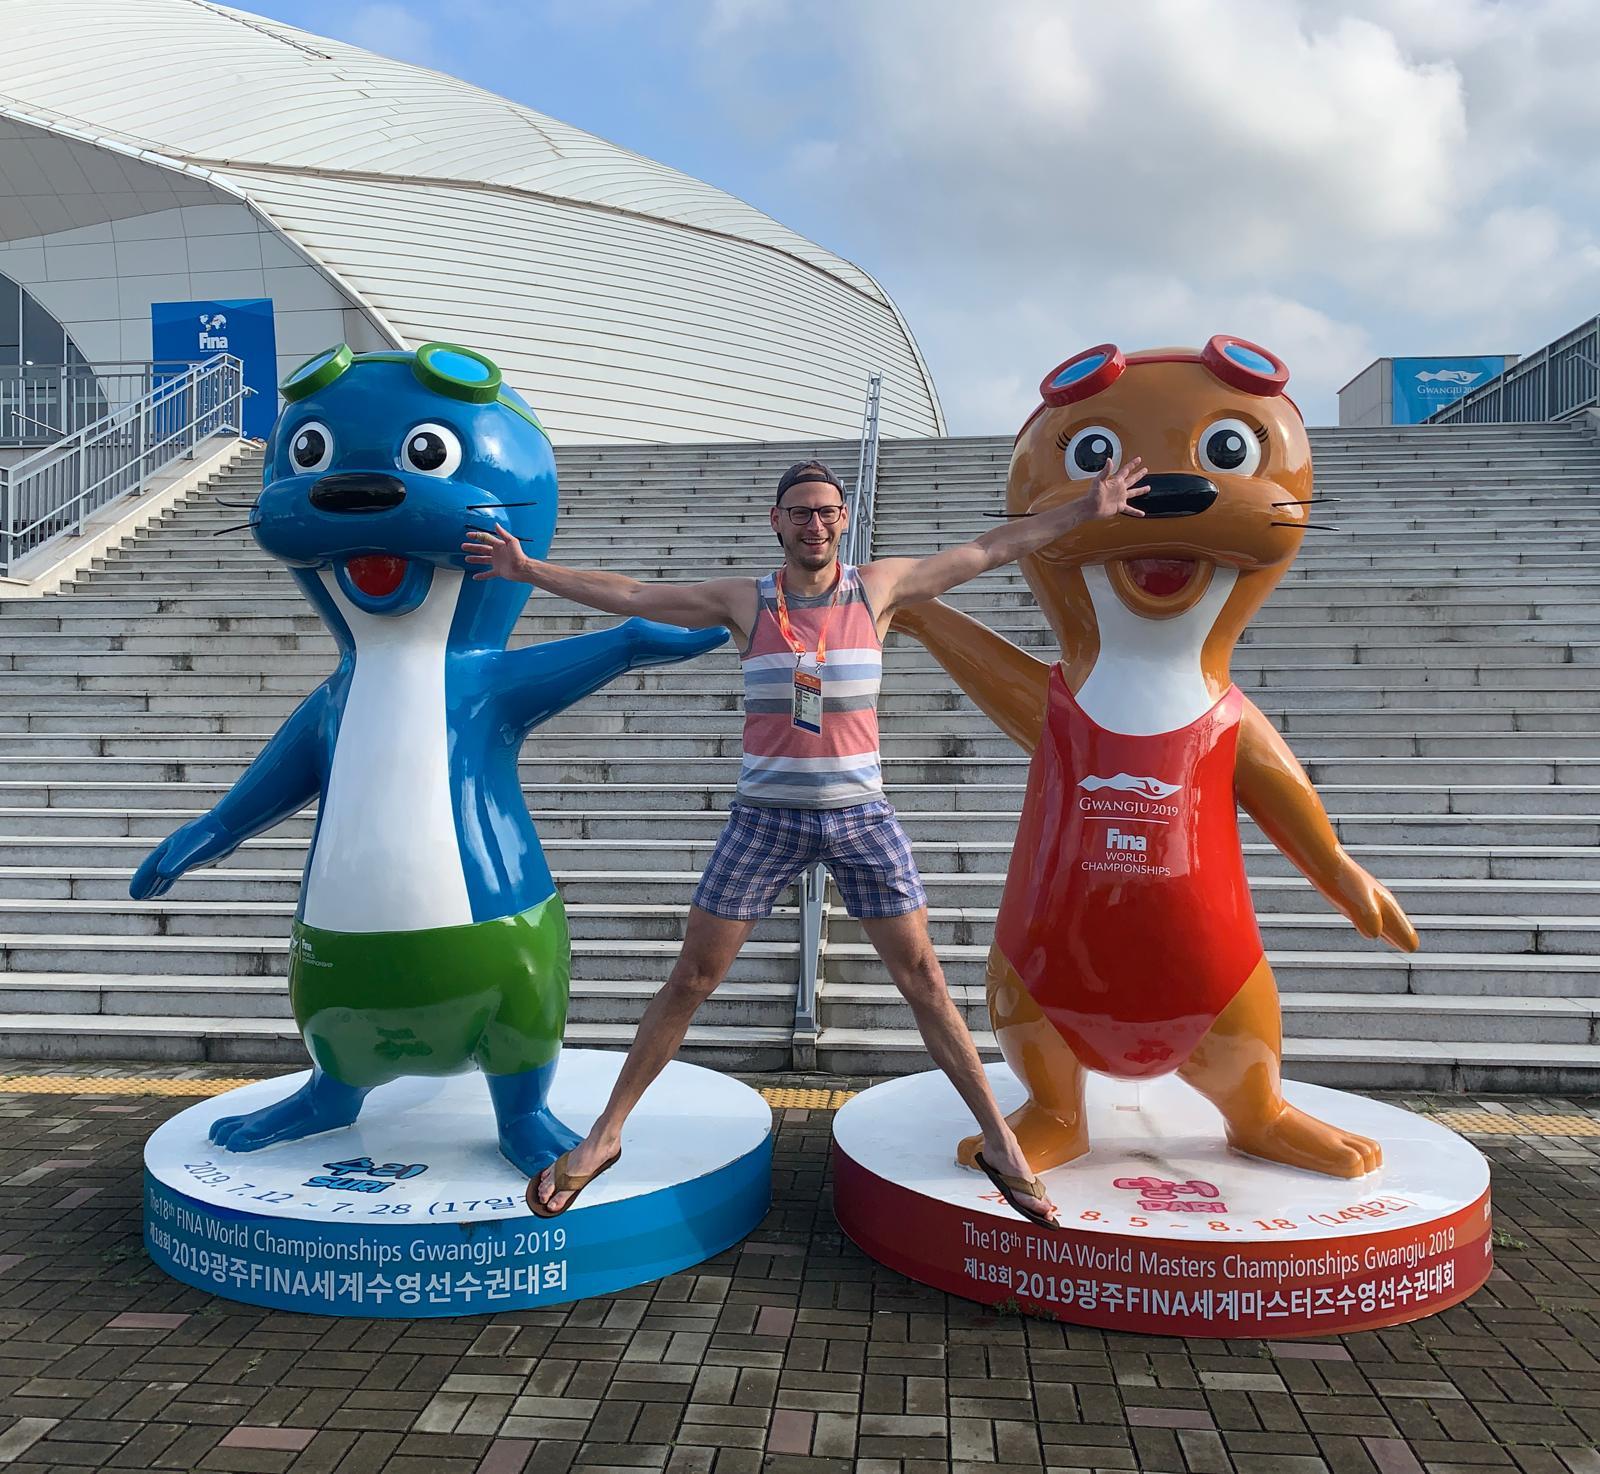 Enrico and the Gwangju Otters!